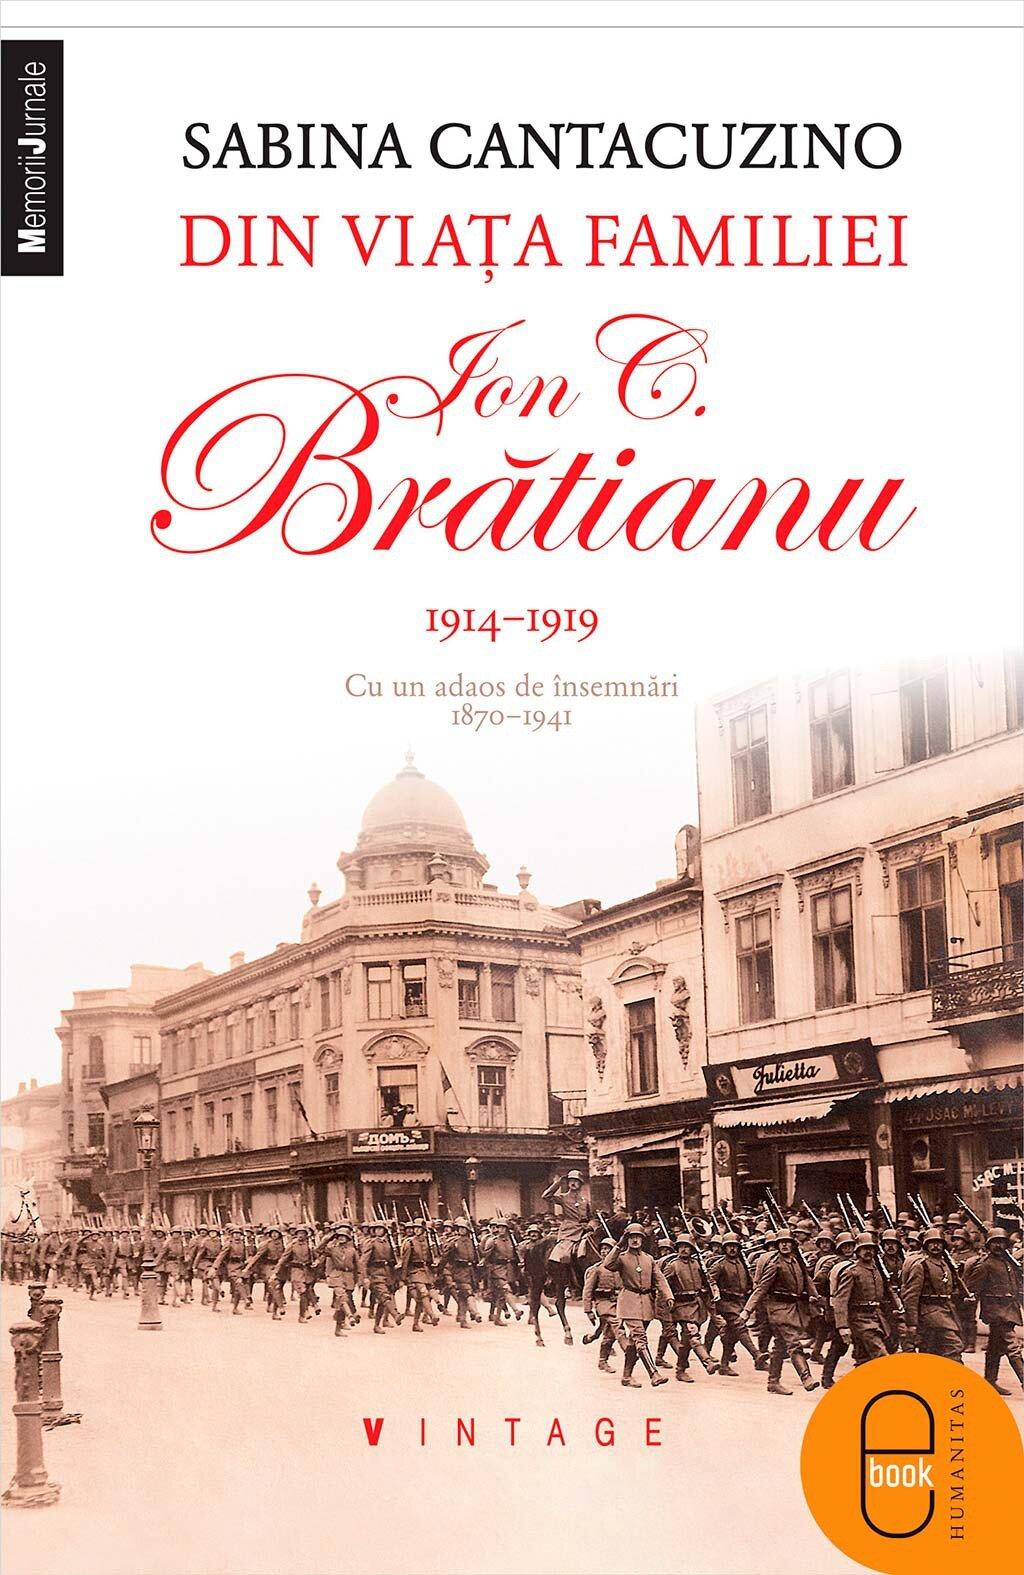 Din viata familiei Ion C. Bratianu 1914-1919. Cu un adaos de insemnari 1870-1941 (eBook)